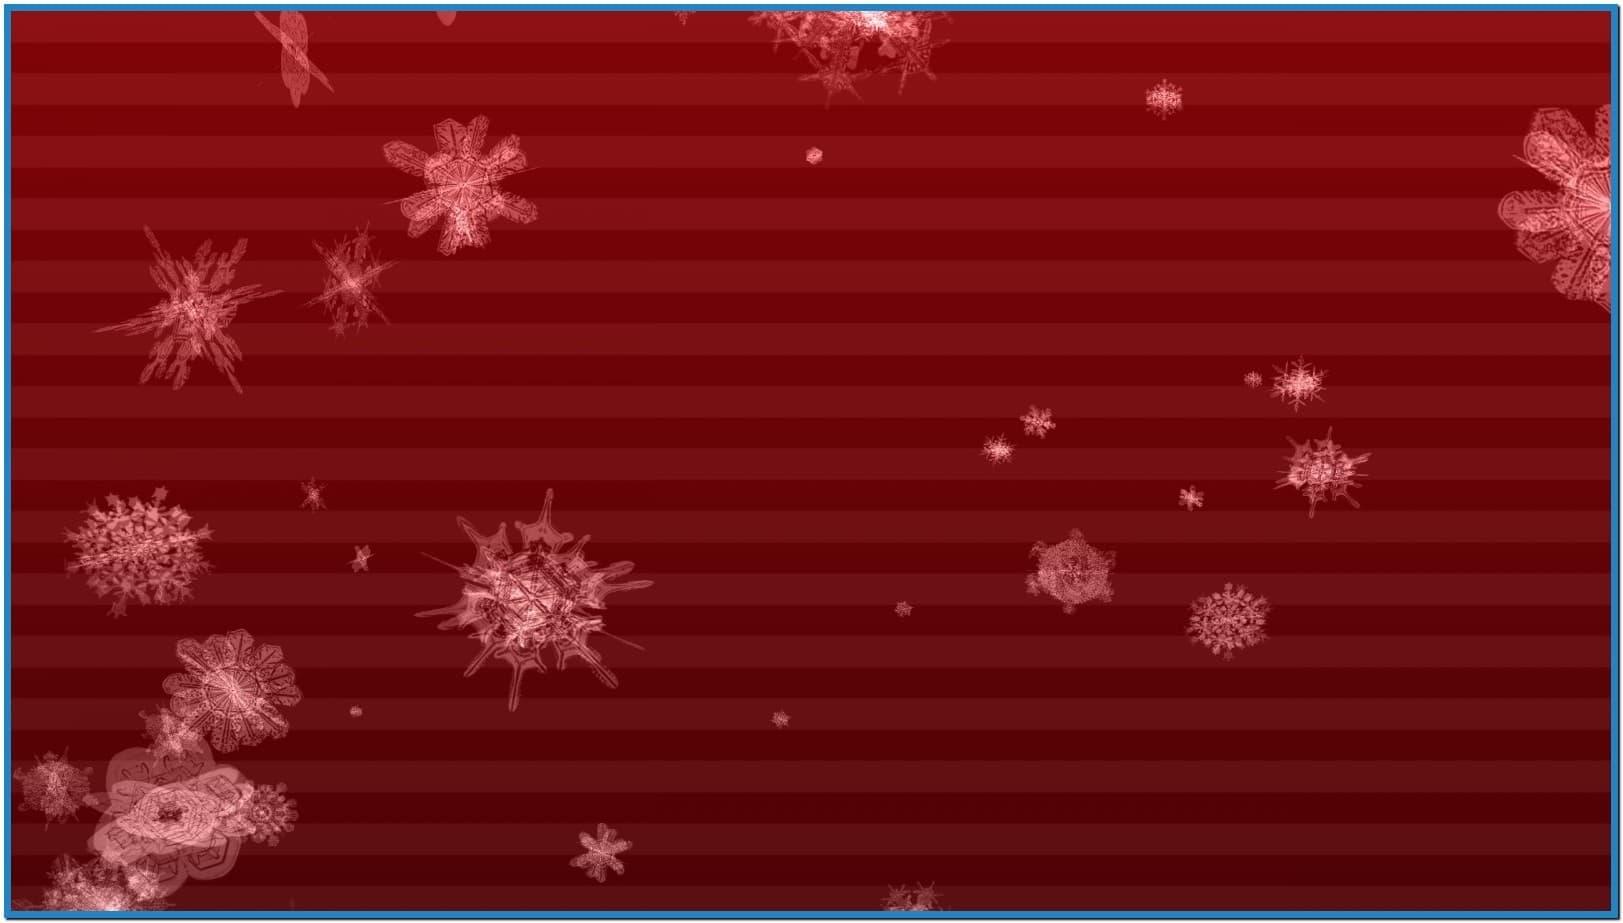 Holiday screensavers and wallpaper mac   Download 1623x923